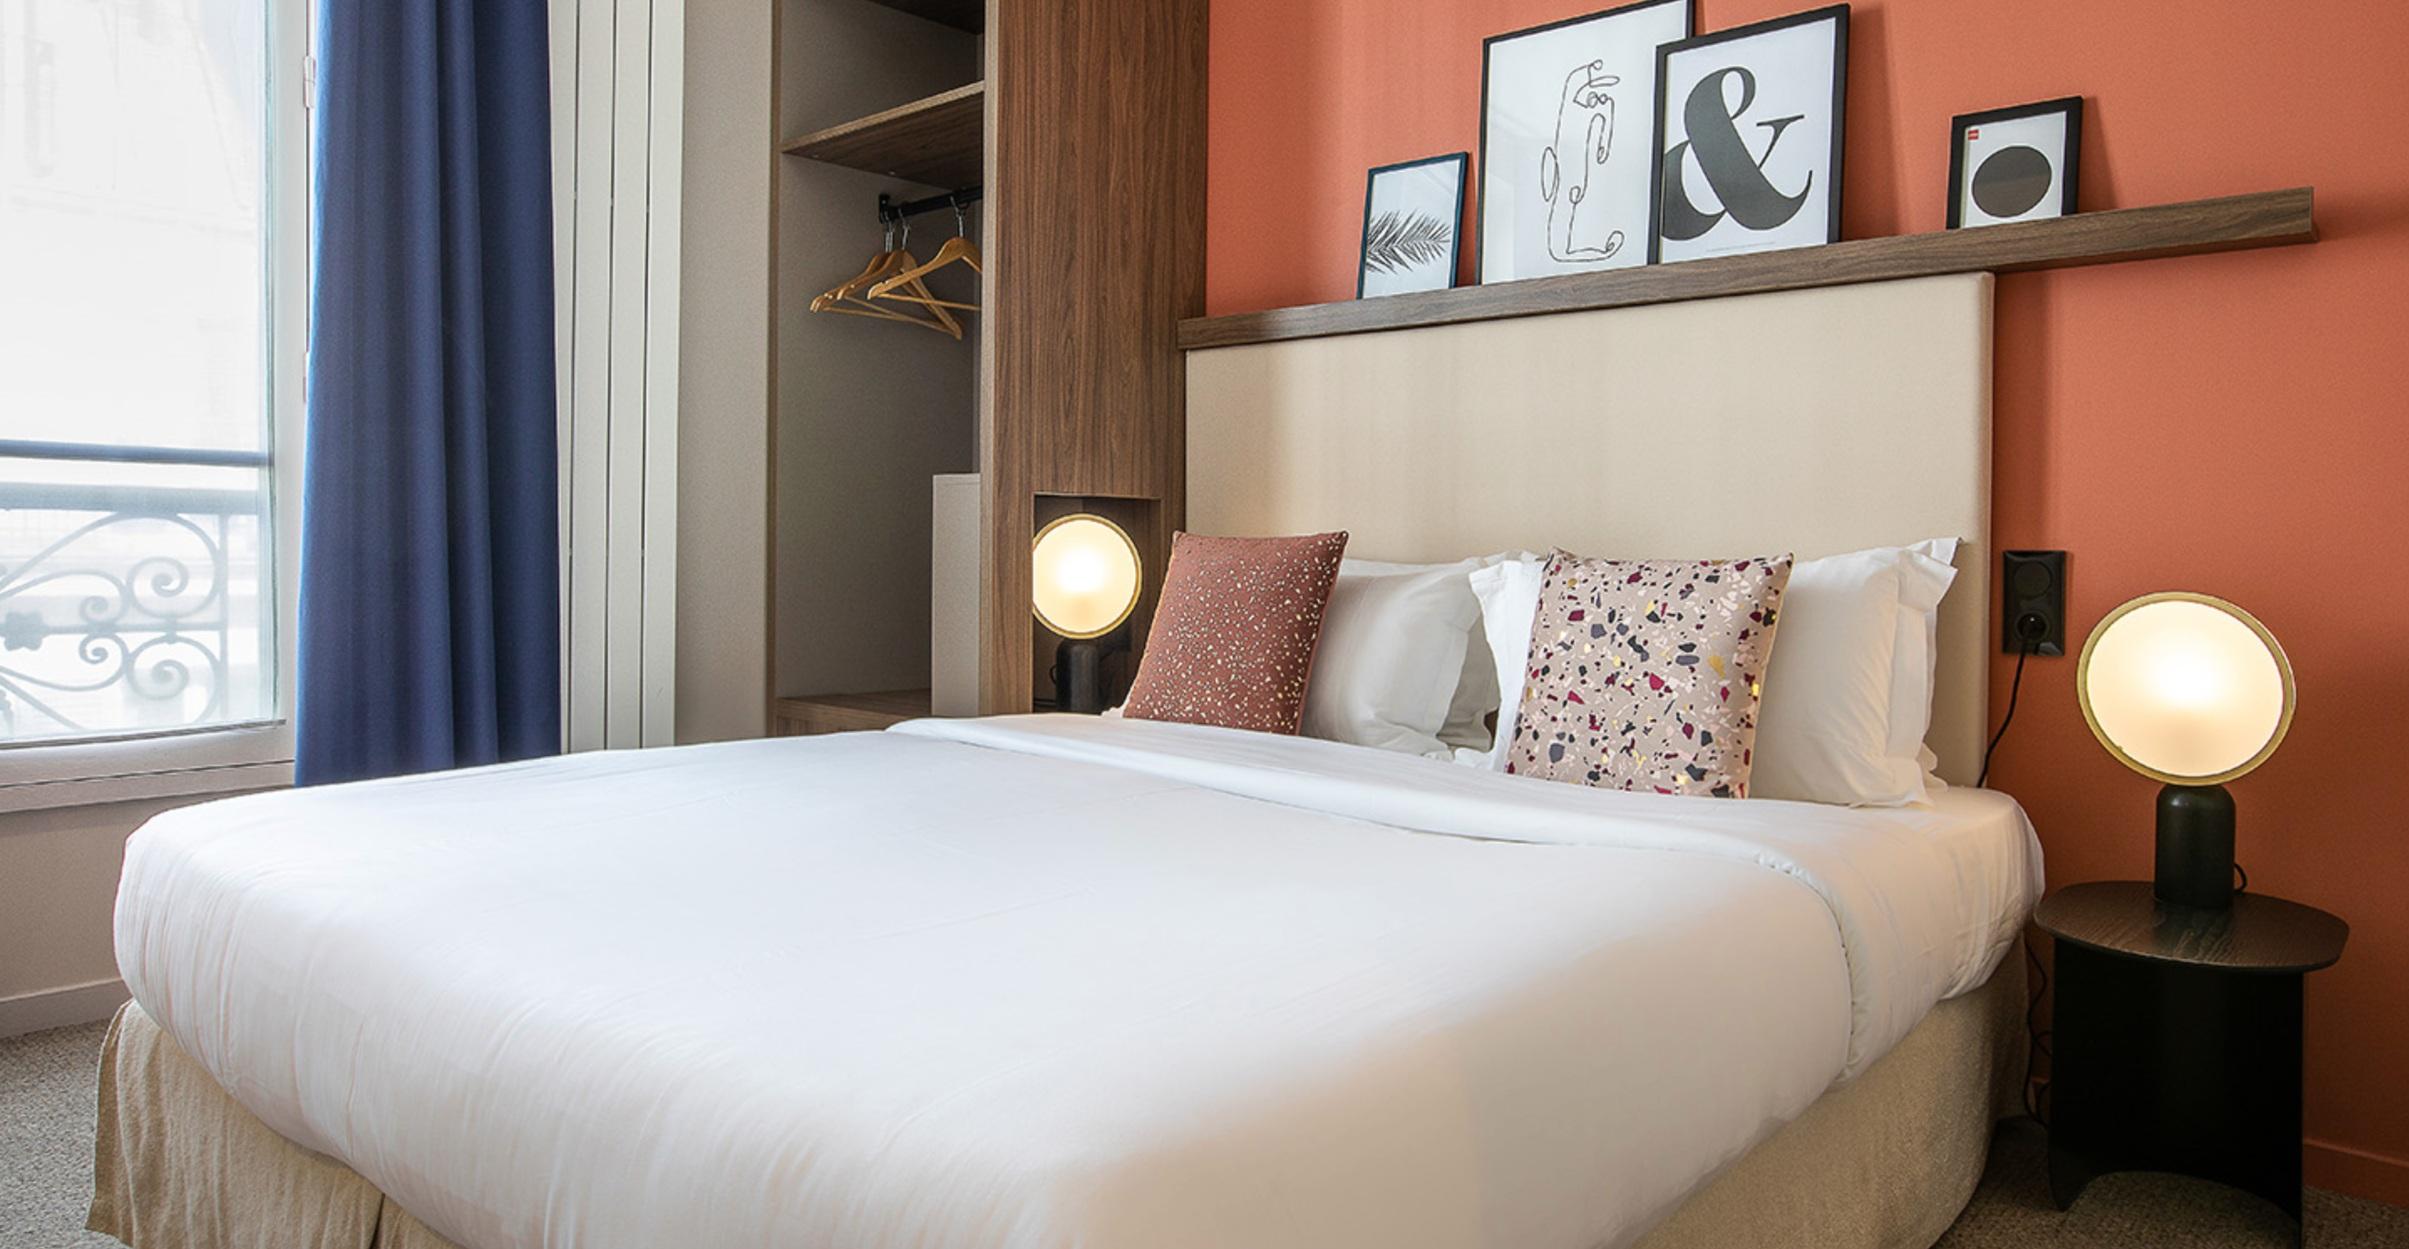 Petit Belloy hotel / ATLAS lamp